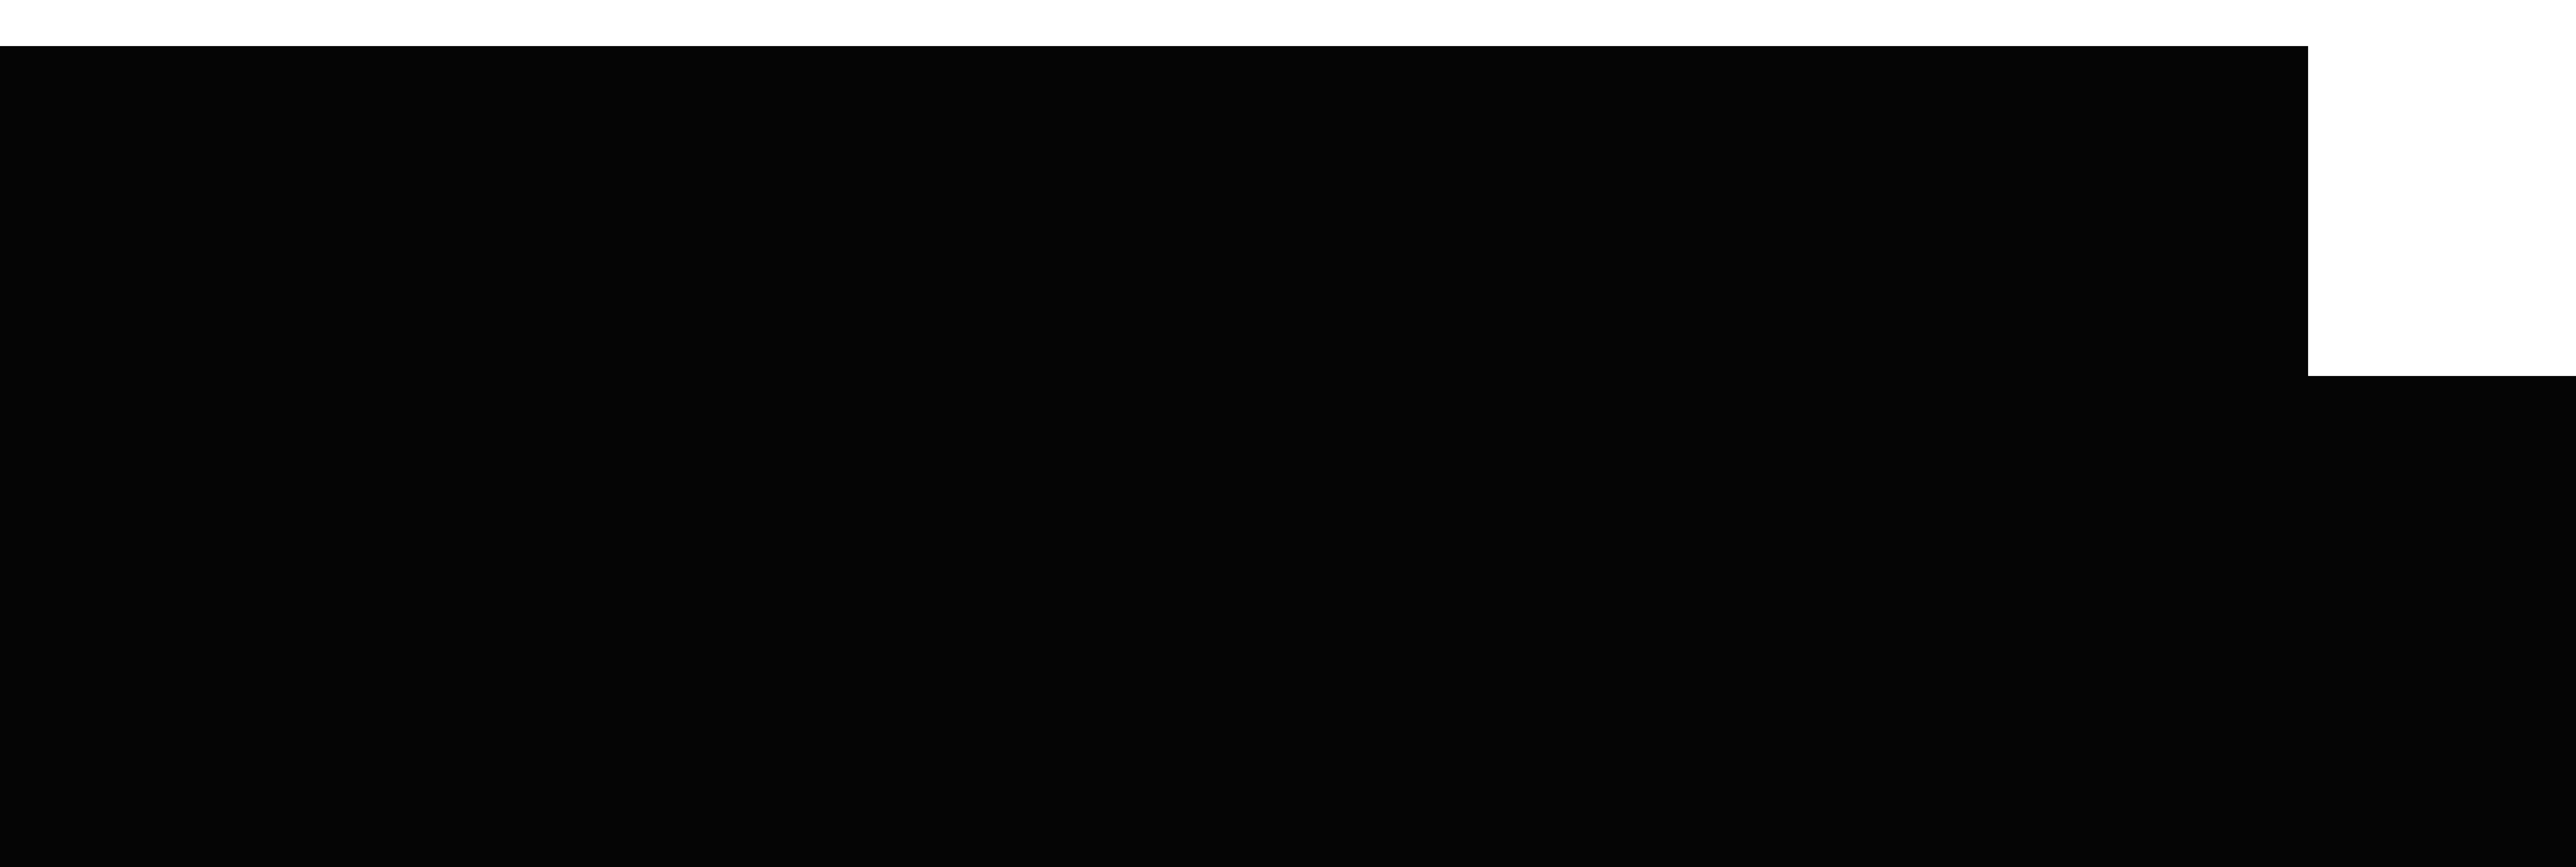 clip stock Urban vector. Cityscape silhouette clip art